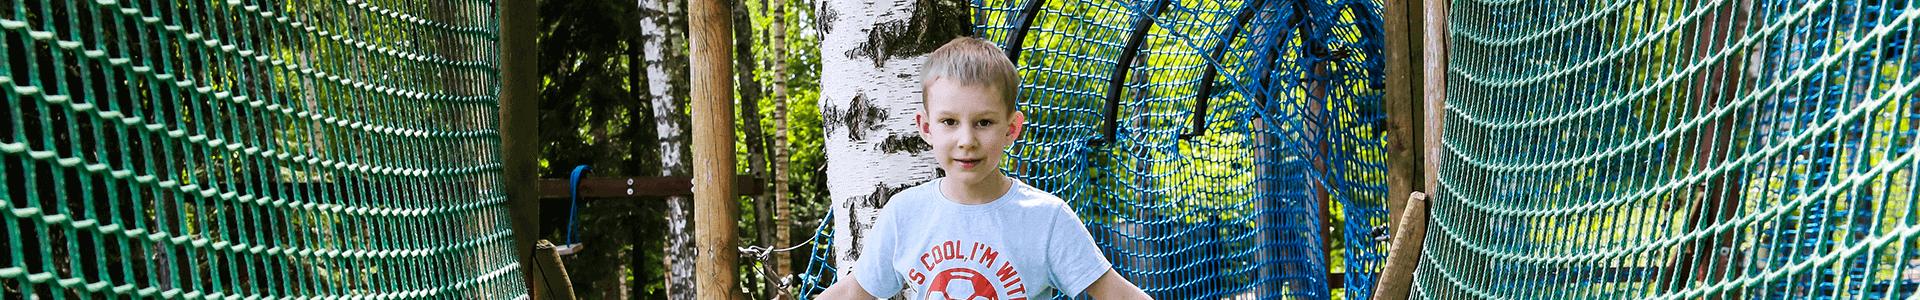 Vaikų pramogos ir pramogos vaikams Tarzanijoje